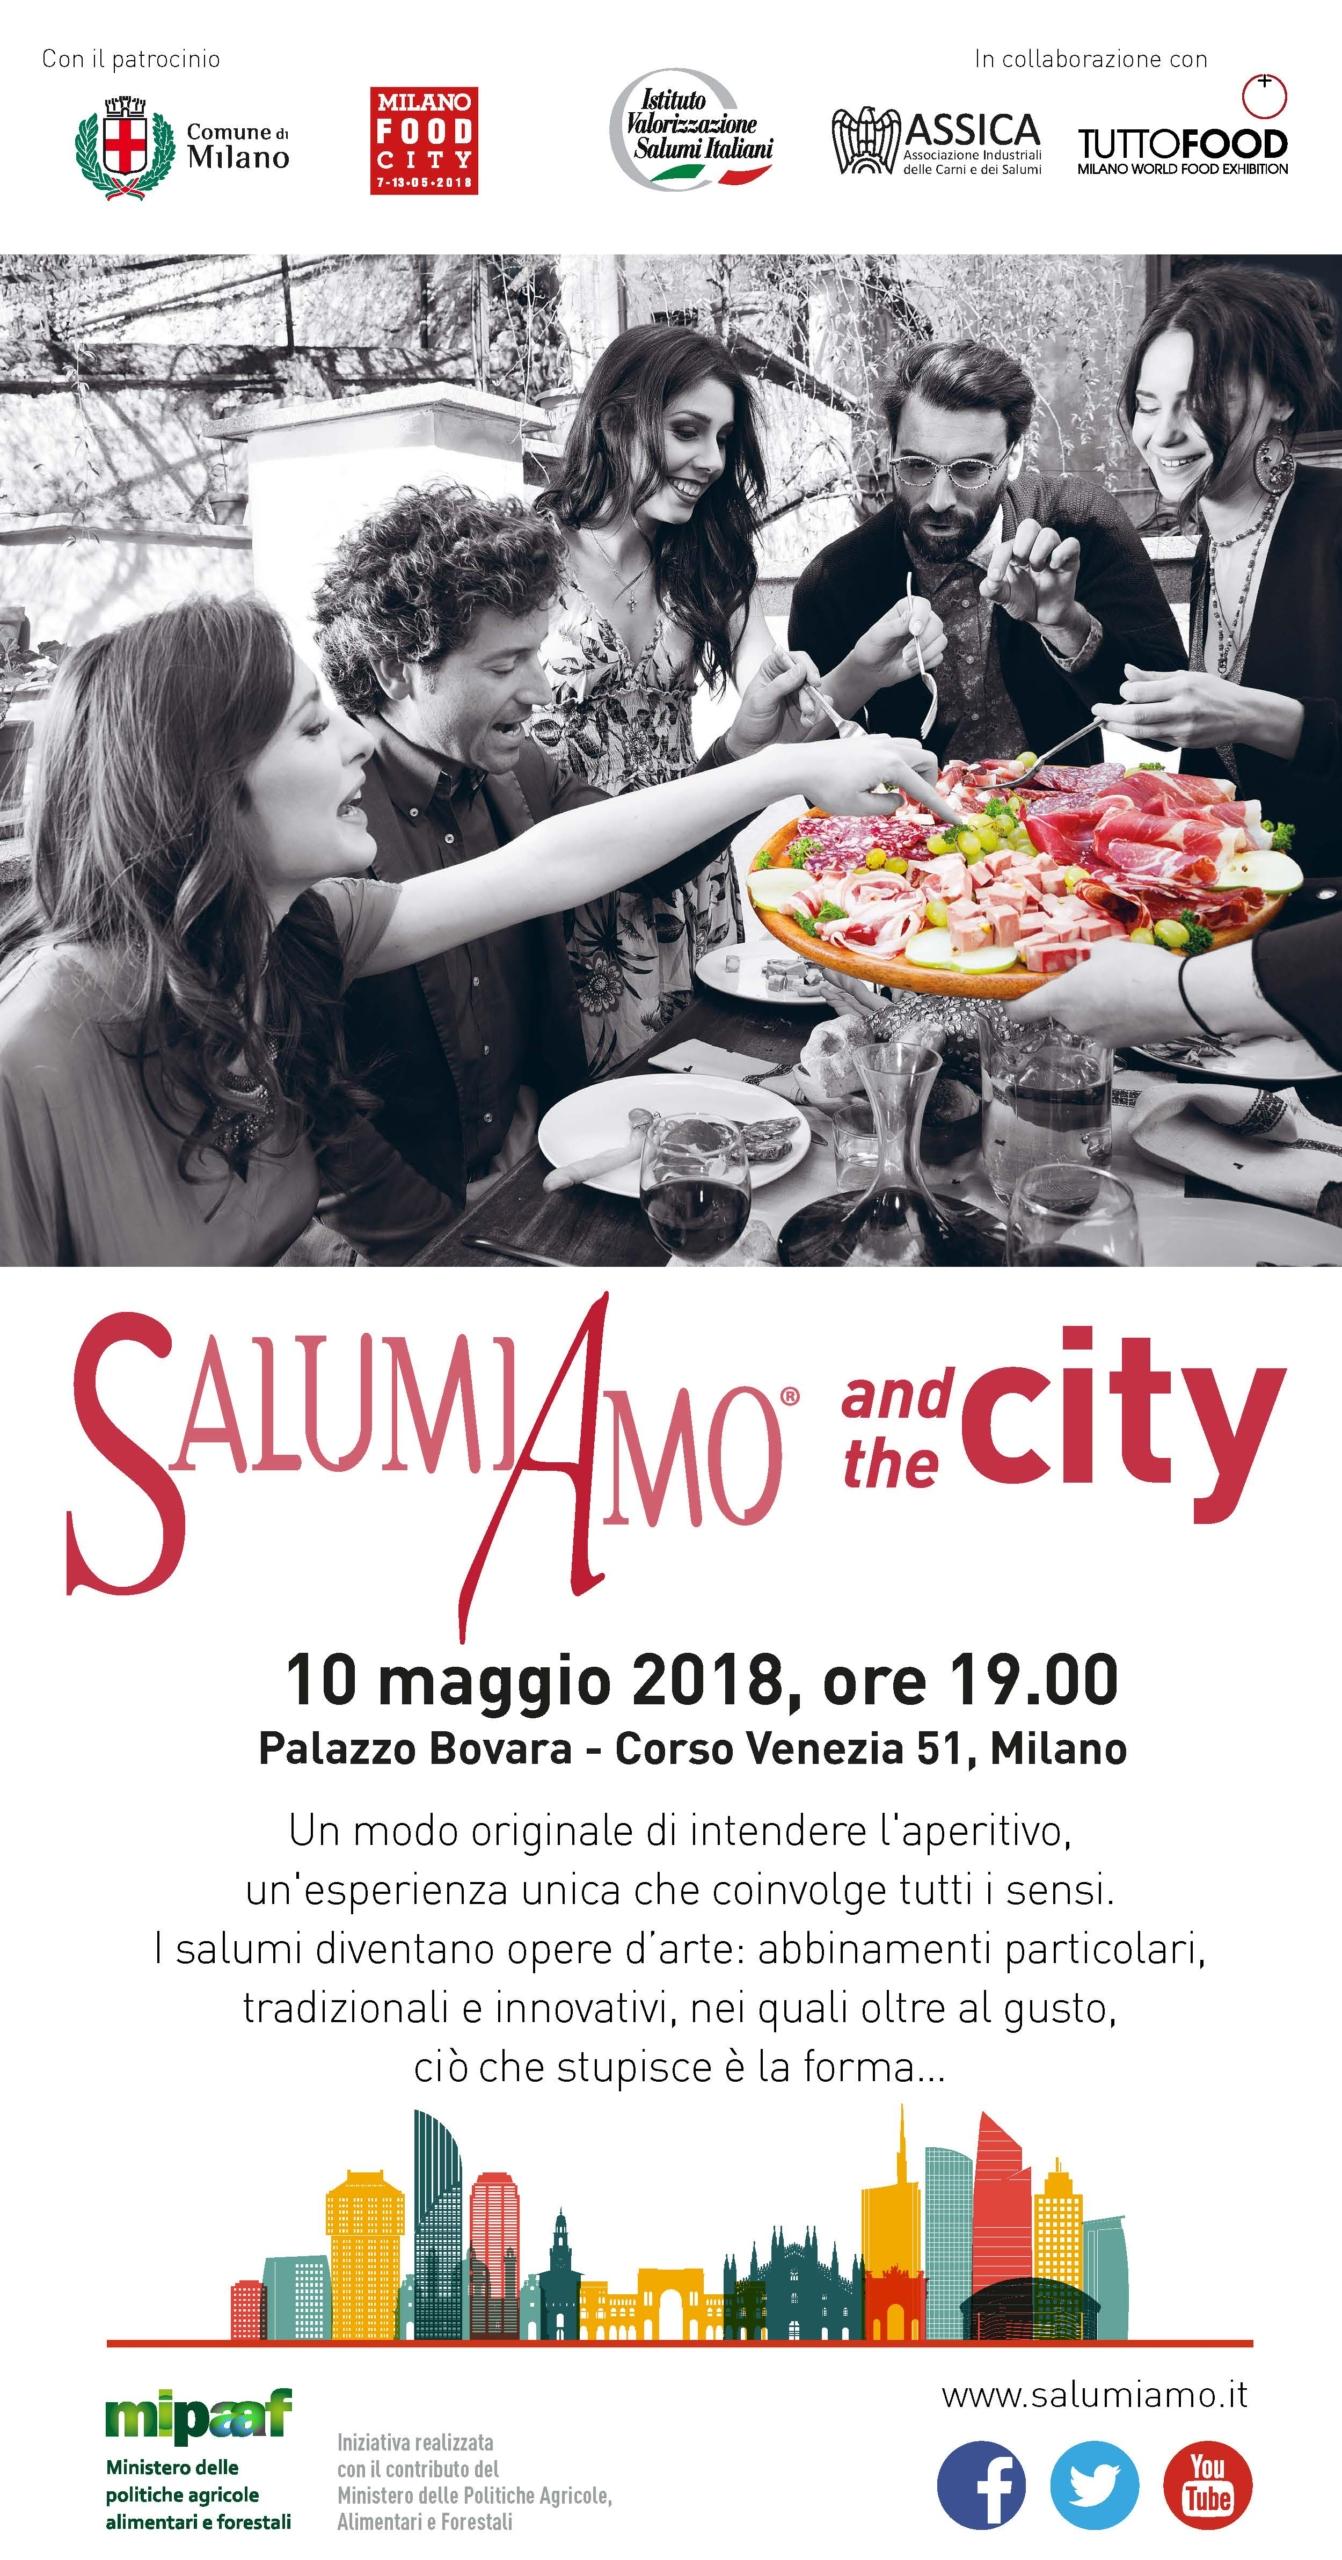 invito_SalumiAmo 10 maggio 2018